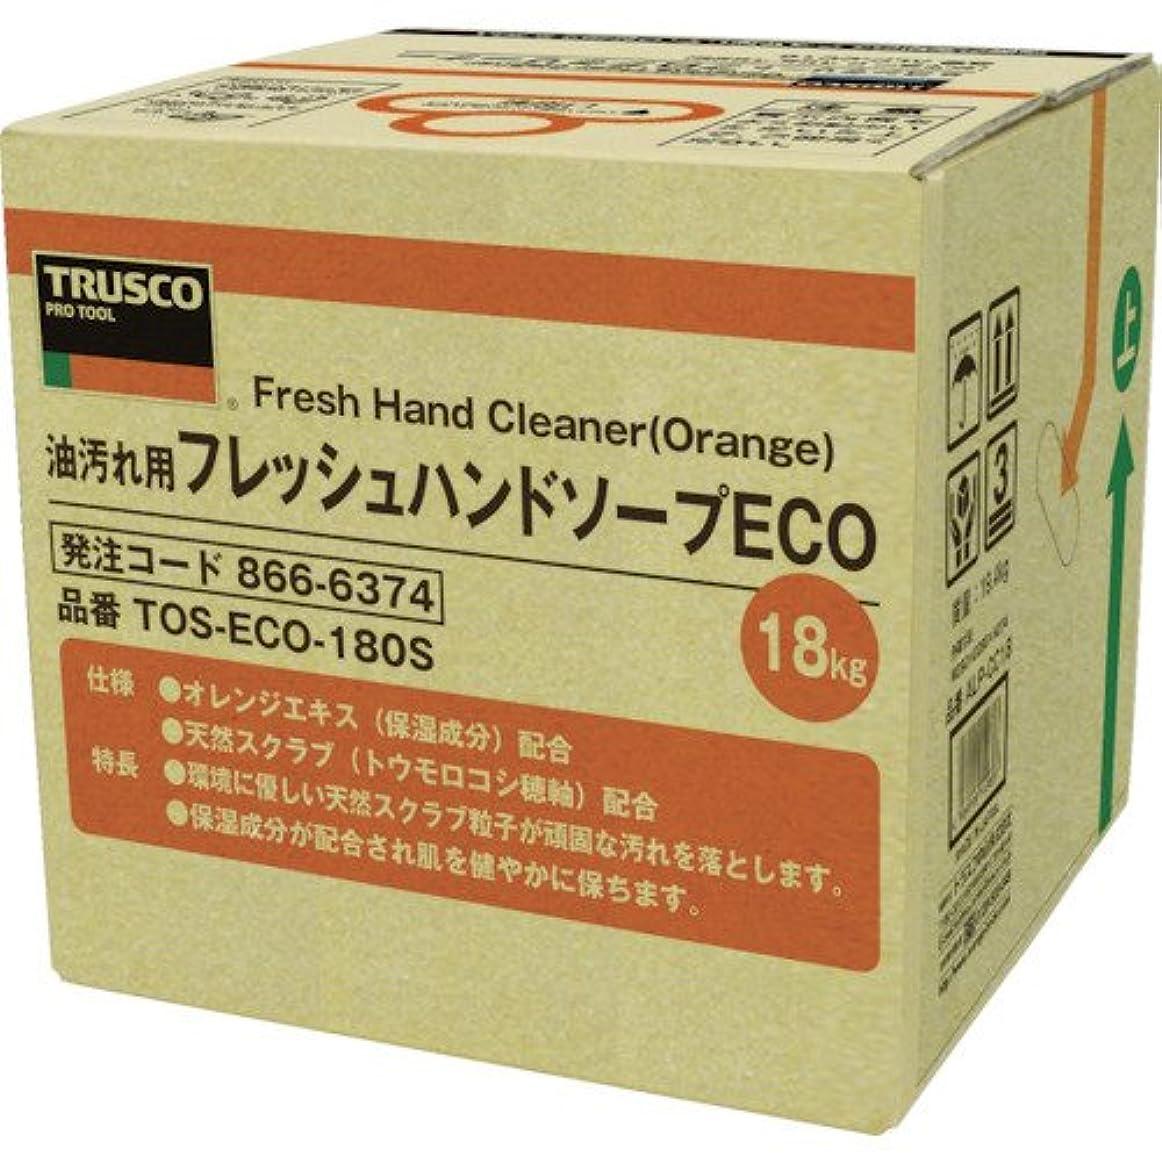 伝染性のコーナー鉄道トラスコ中山 株 TRUSCO フレッシュハンドソープ 18L 詰替 バッグインボックス TOS-ECO-180S